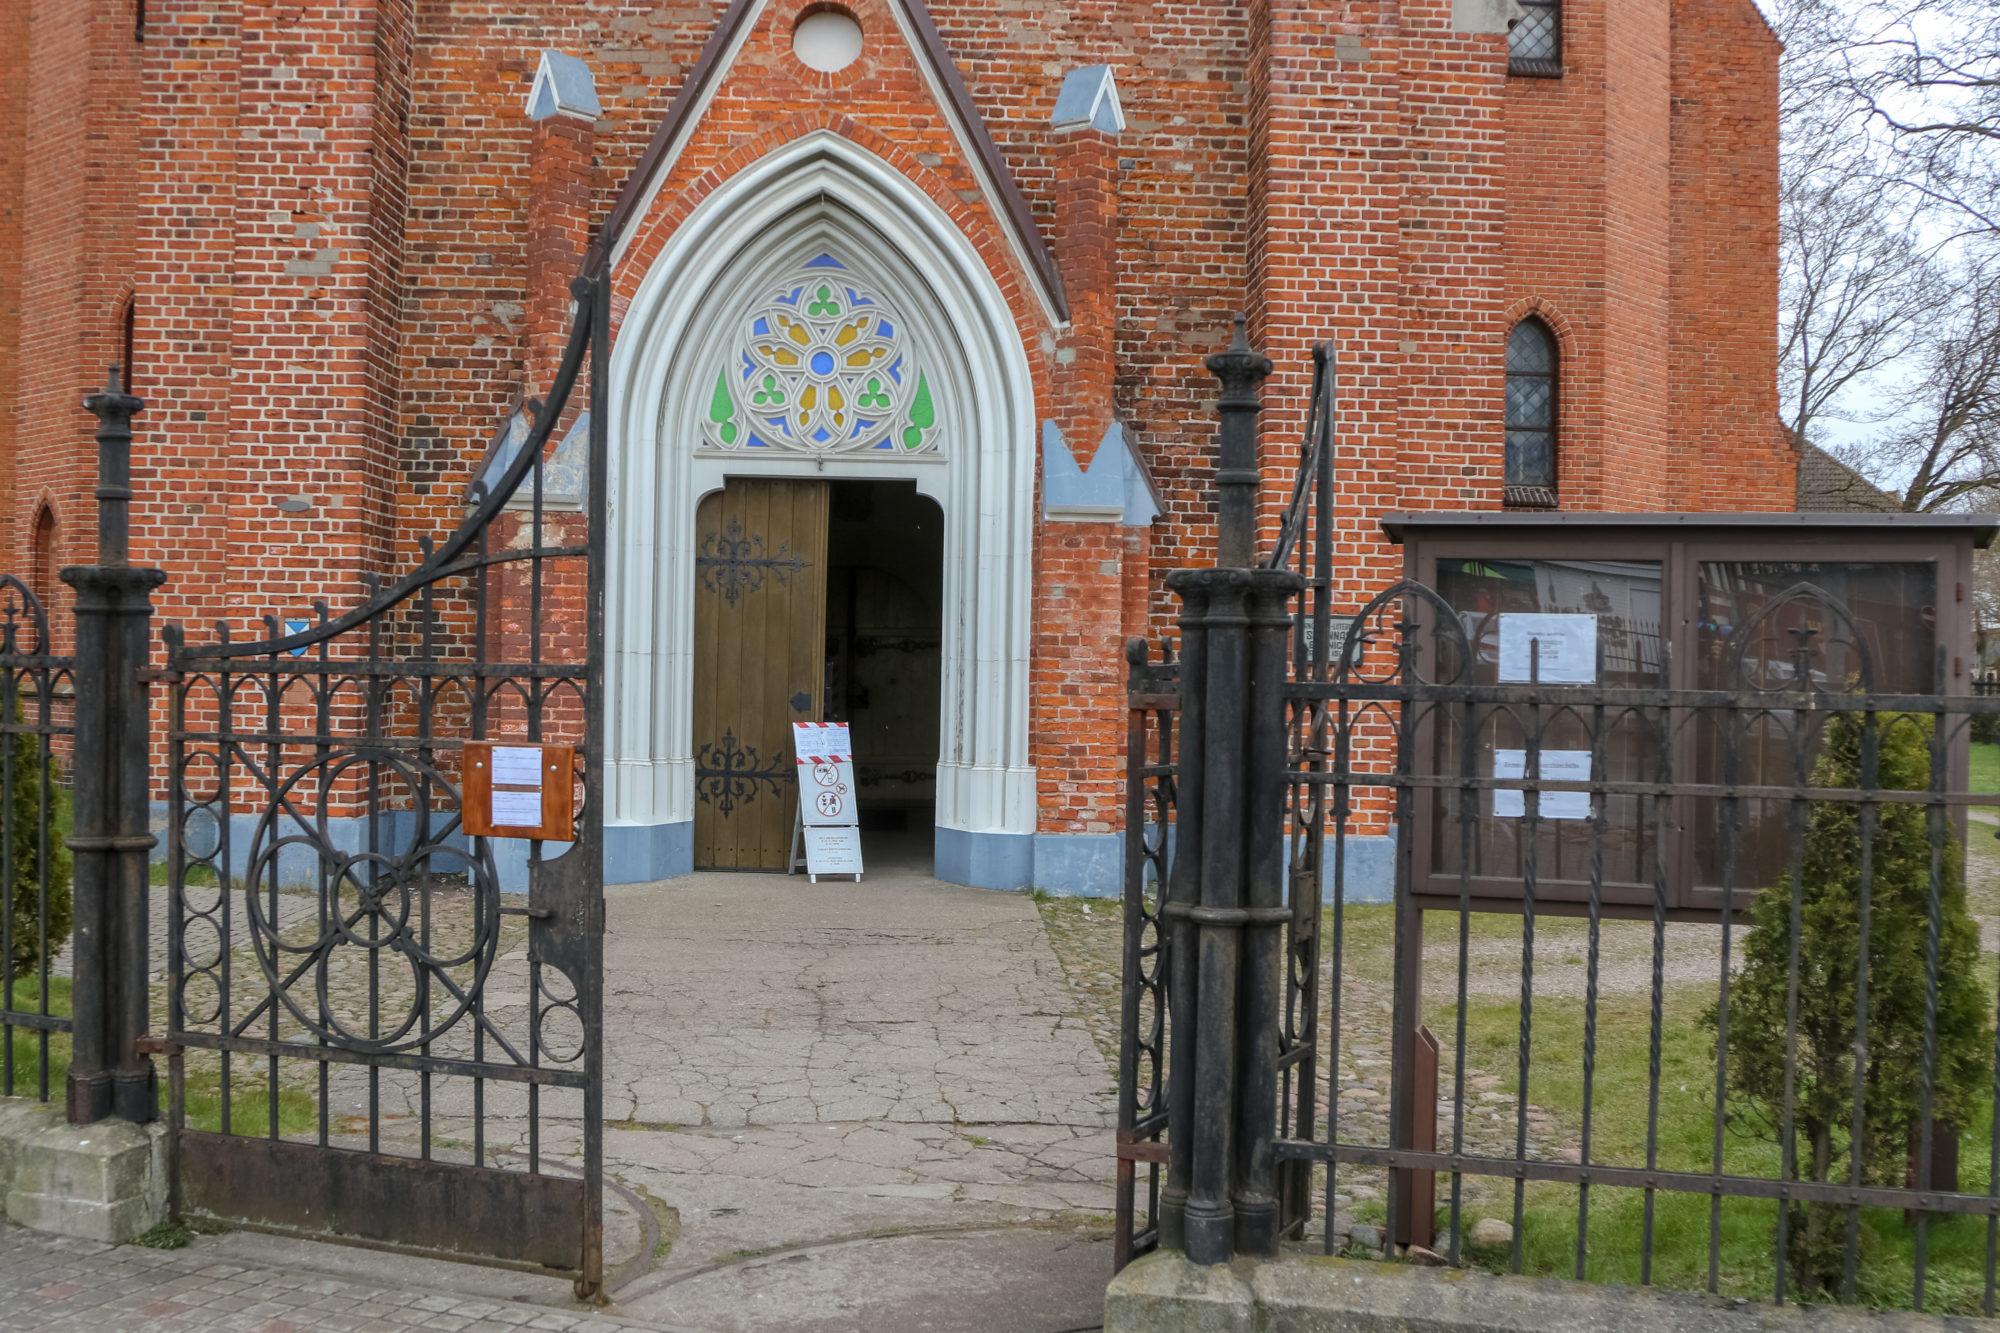 Министр Пуце не будет требовать объяснений у мэра Лиепаи о его участии в богослужении во время ограничений